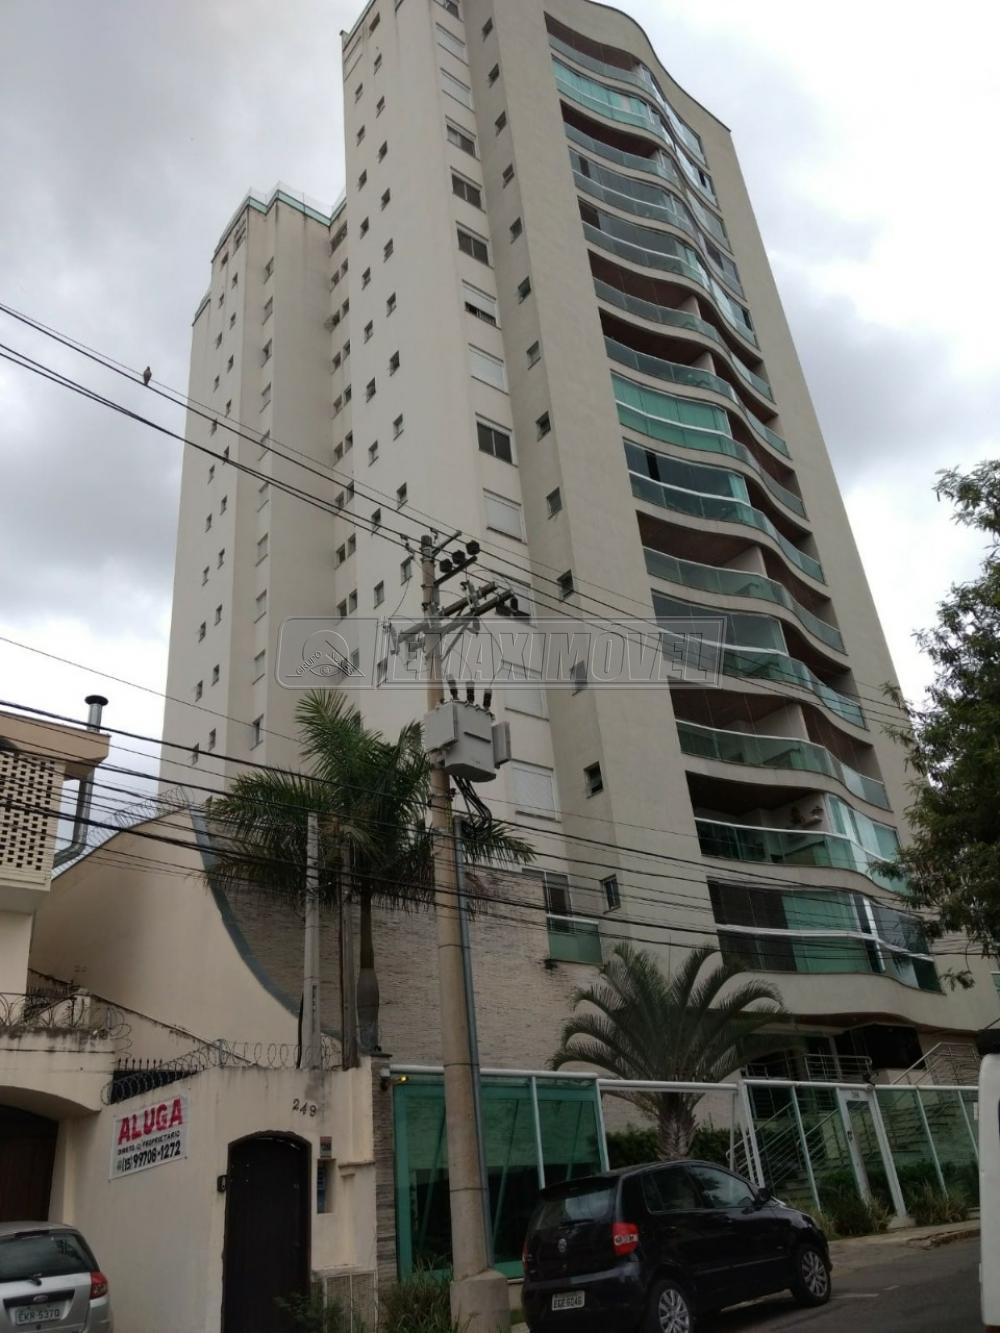 Comprar Apartamento / Triplex em Sorocaba R$ 1.190.000,00 - Foto 1